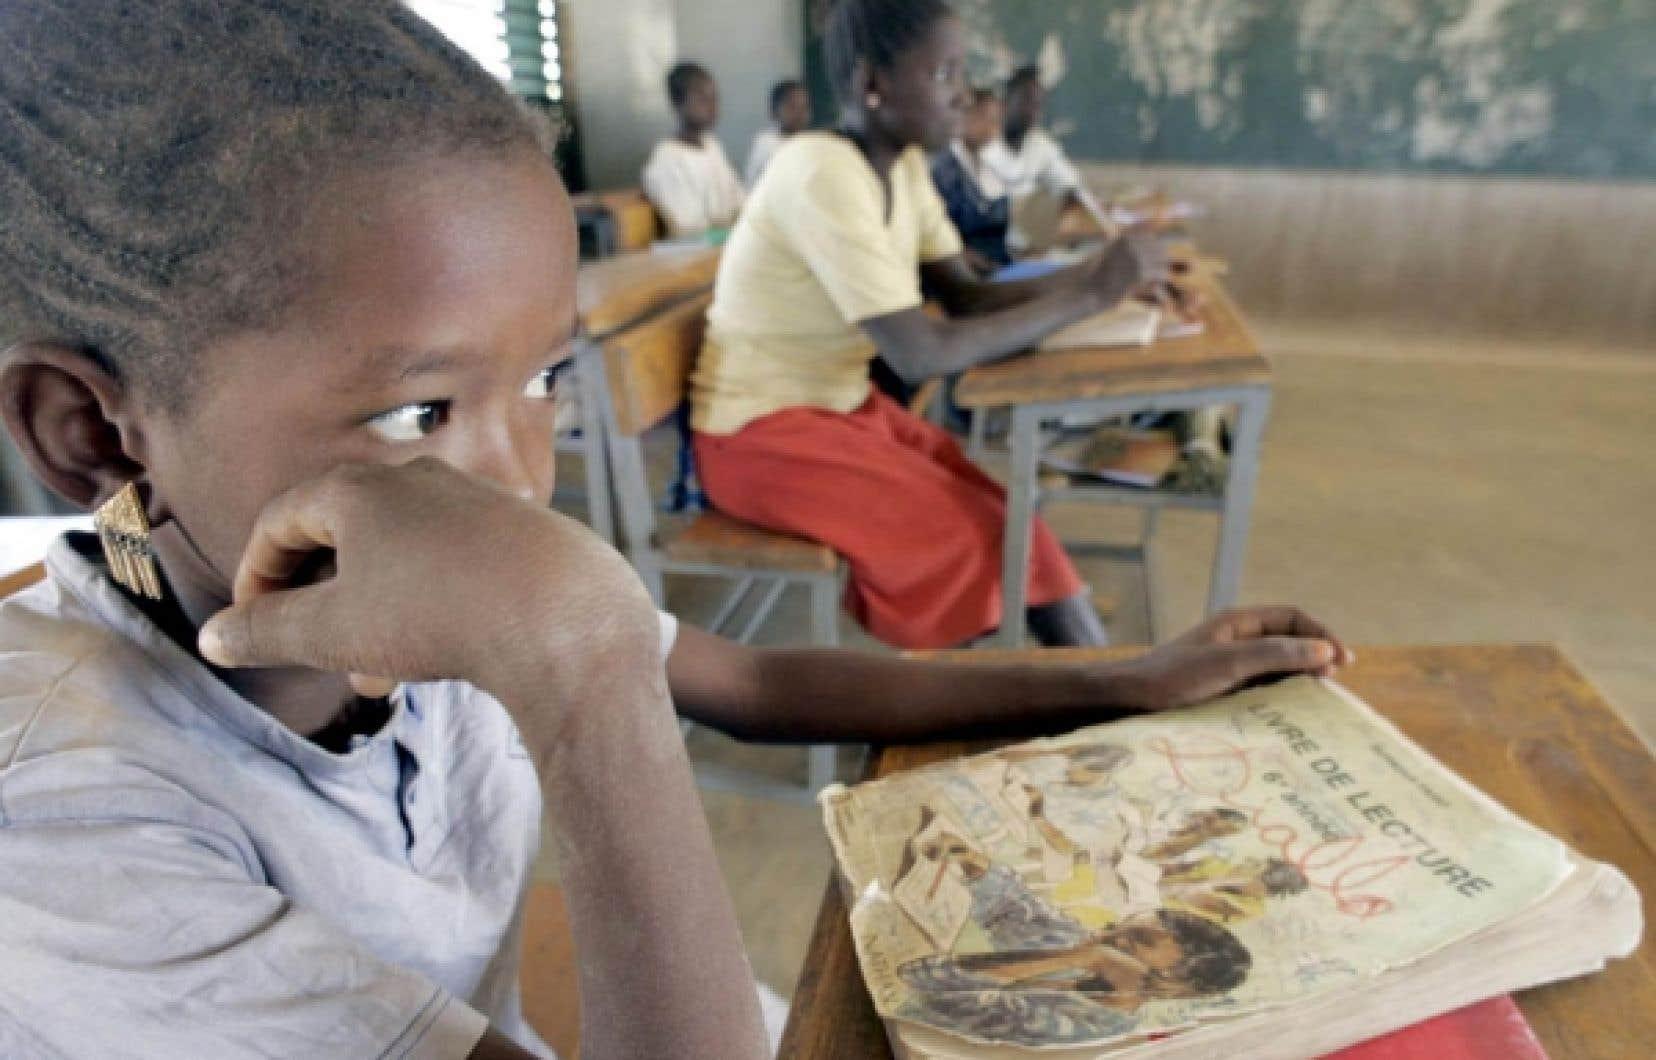 Cours de français dans une école primaire du Burkina Faso, pays africain où le nombre de personnes sachant lire et écrire le français a été multiplié par cinq en vingt-cinq ans, souligne l'importante étude de l'Organisation internationale de la Francophonie qui doit être publiée aujourd'hui.